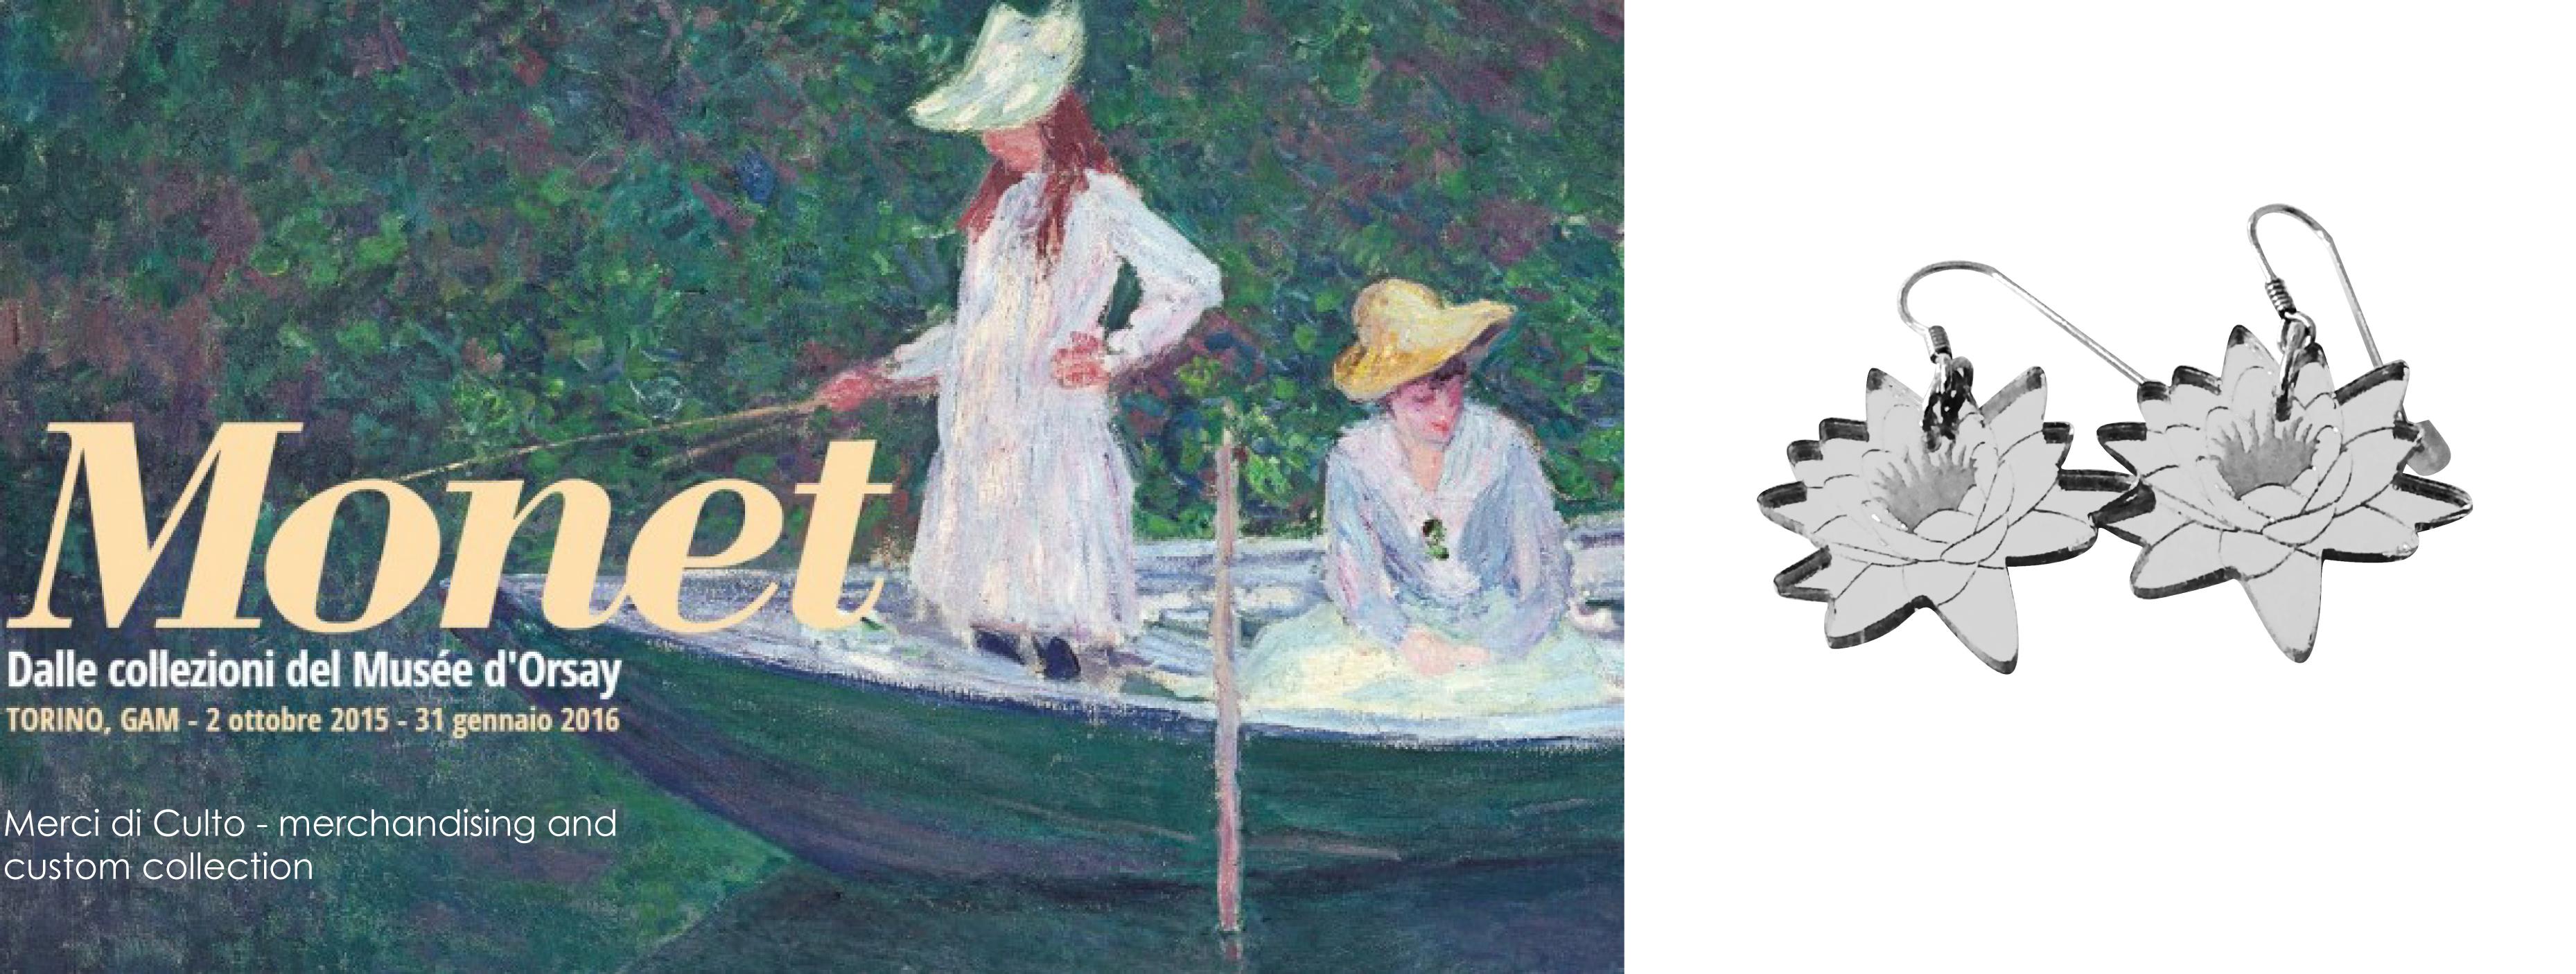 A. 39 S Monet specchio